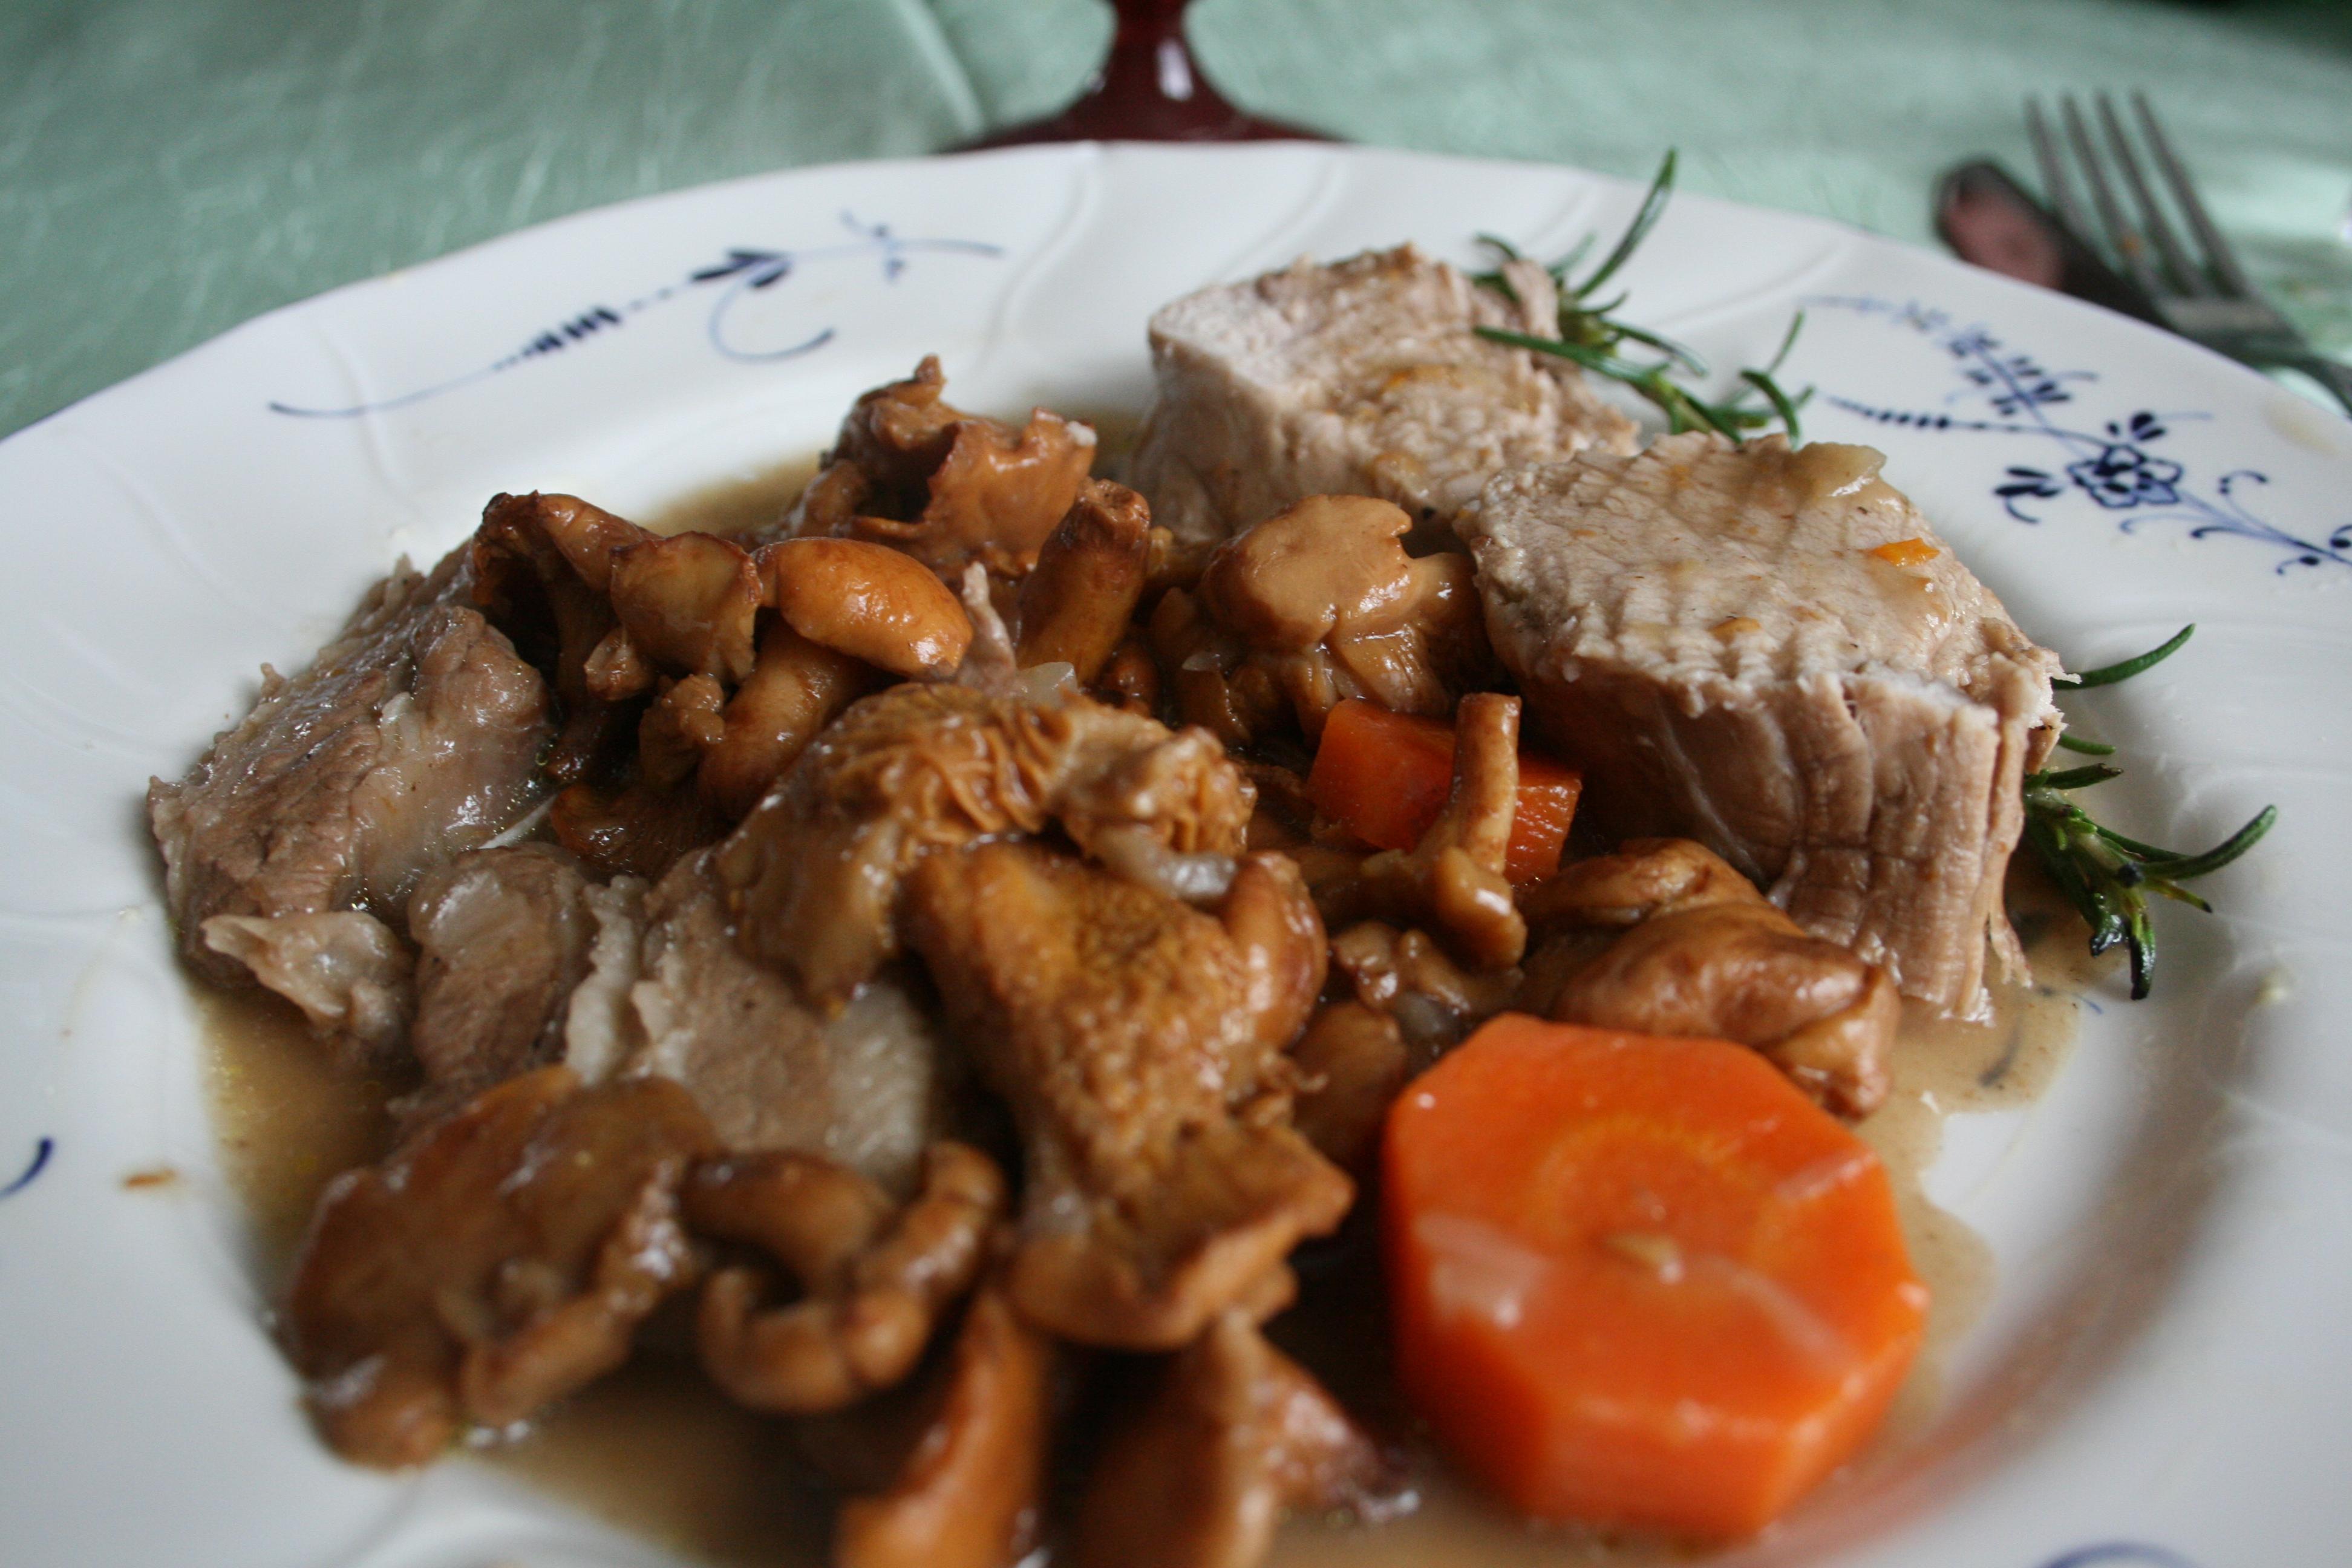 Recette filet mignon de veau en cocotte - Cuisiner rouelle de porc en cocotte minute ...